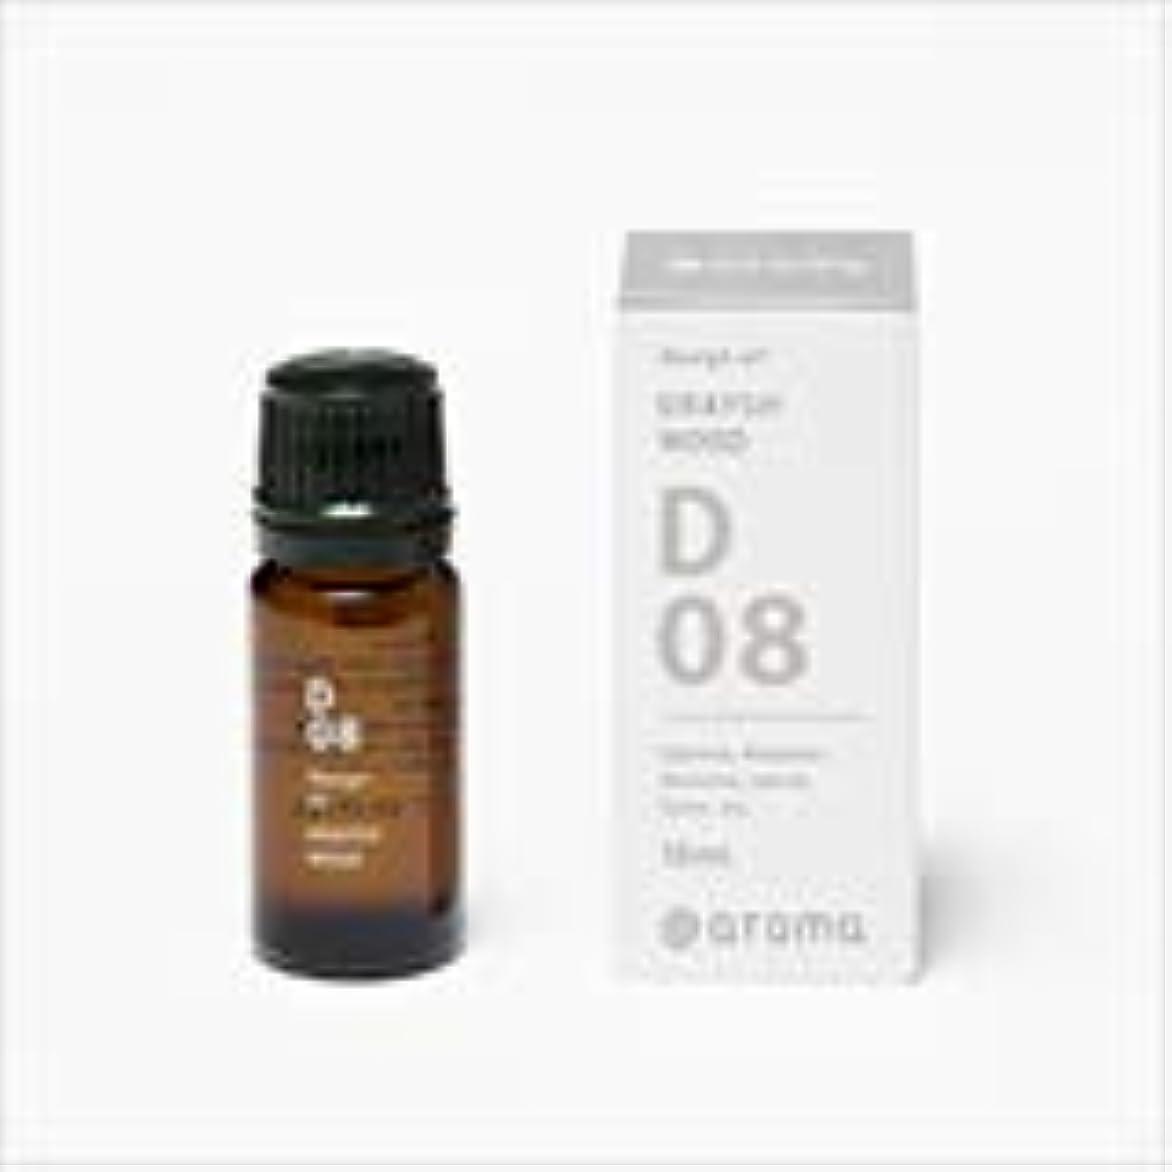 空どんよりした対抗アットアロマ 100%pure essential oil <Design air コンフォートリラックス>